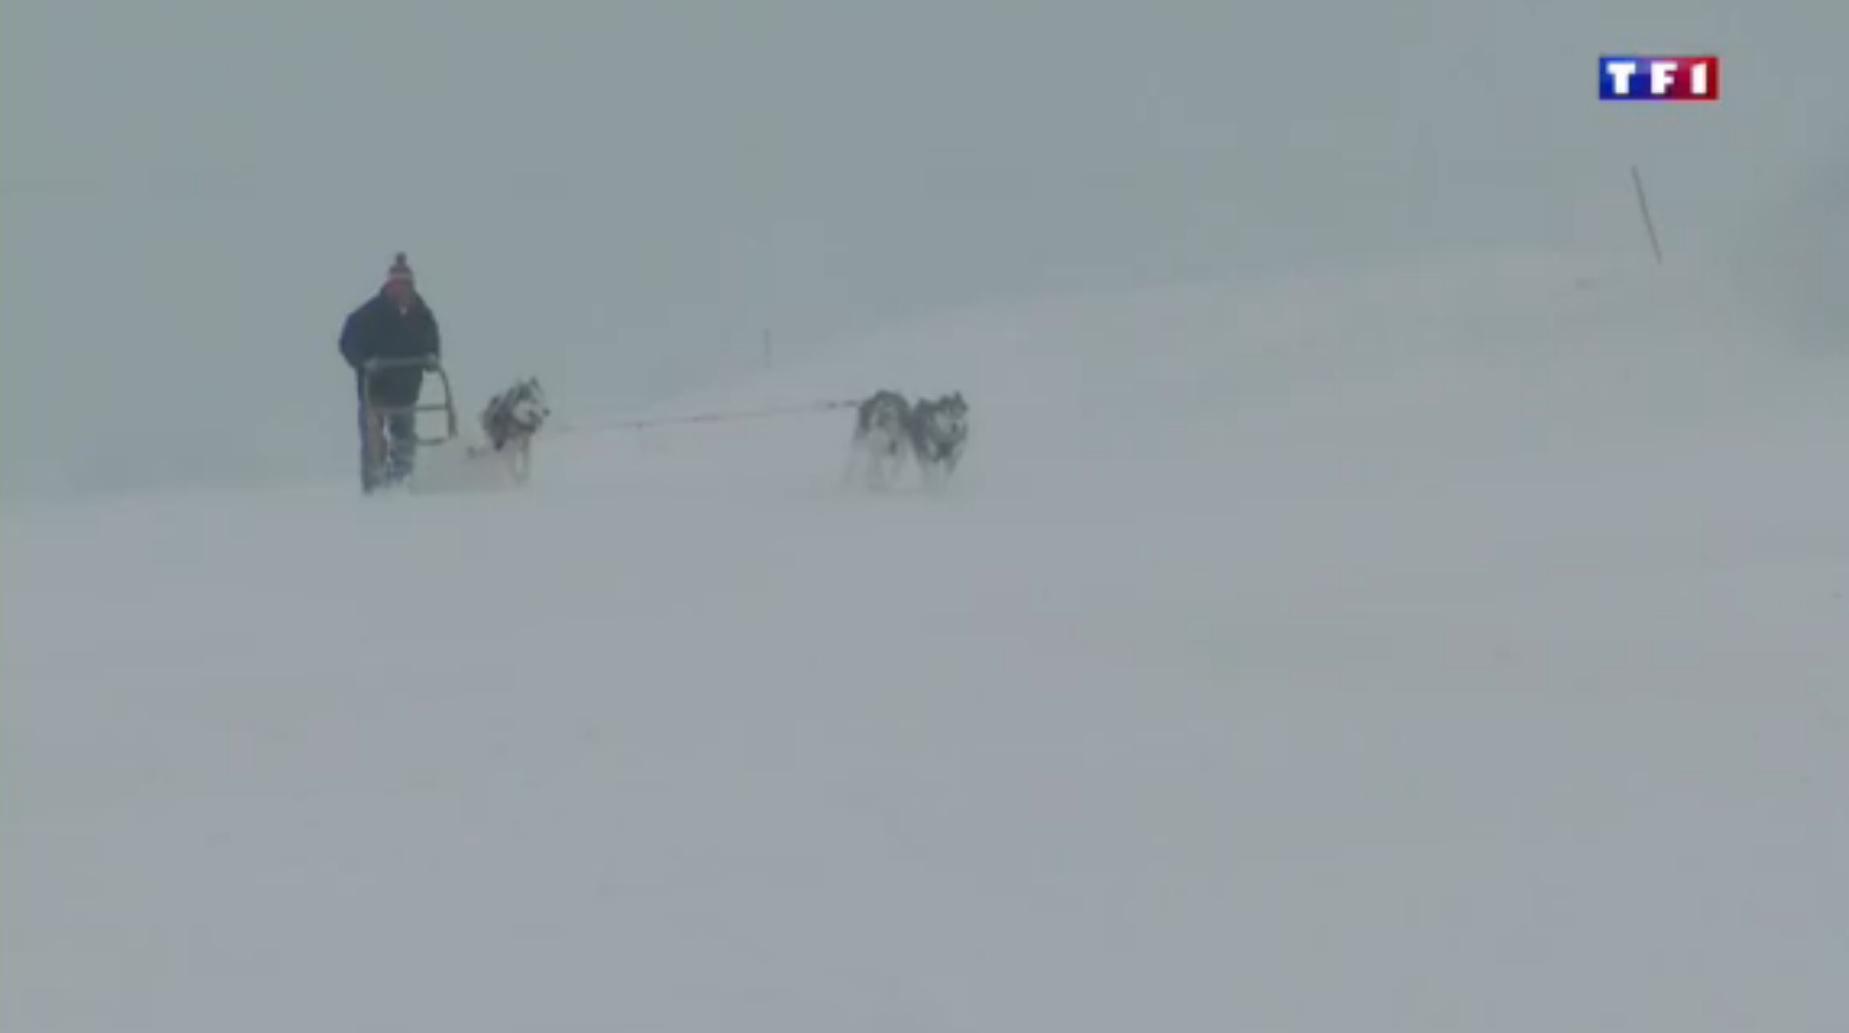 TF1 Jura (3-5) les mordus de ski de fond  35